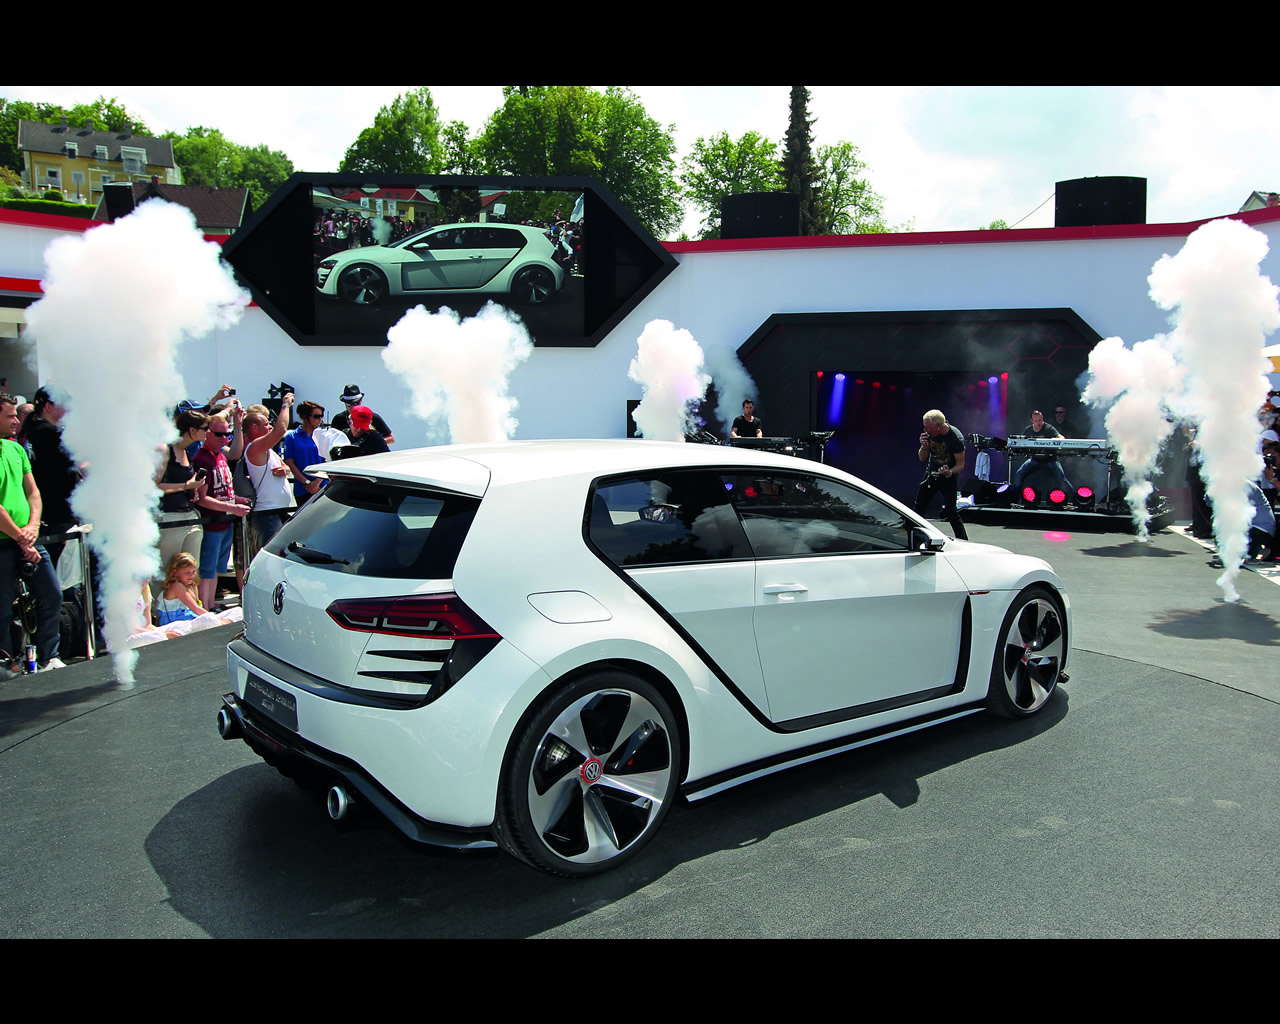 volkswagen 503 hp twin turbo v6 4wd design vision gti concept 2013. Black Bedroom Furniture Sets. Home Design Ideas